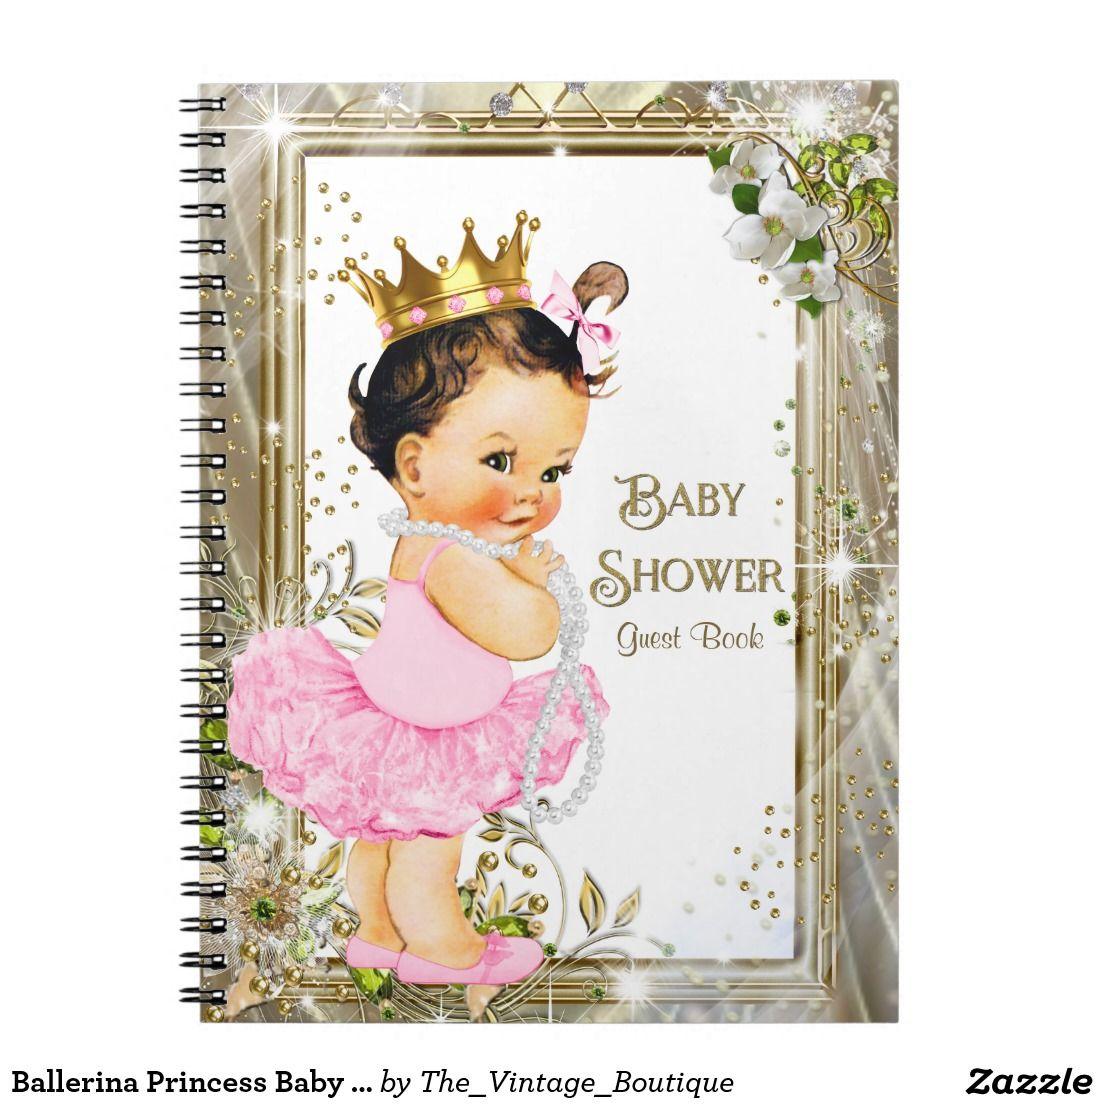 Ballerina Princess Baby Shower Guest Book Jpg 1104x1104